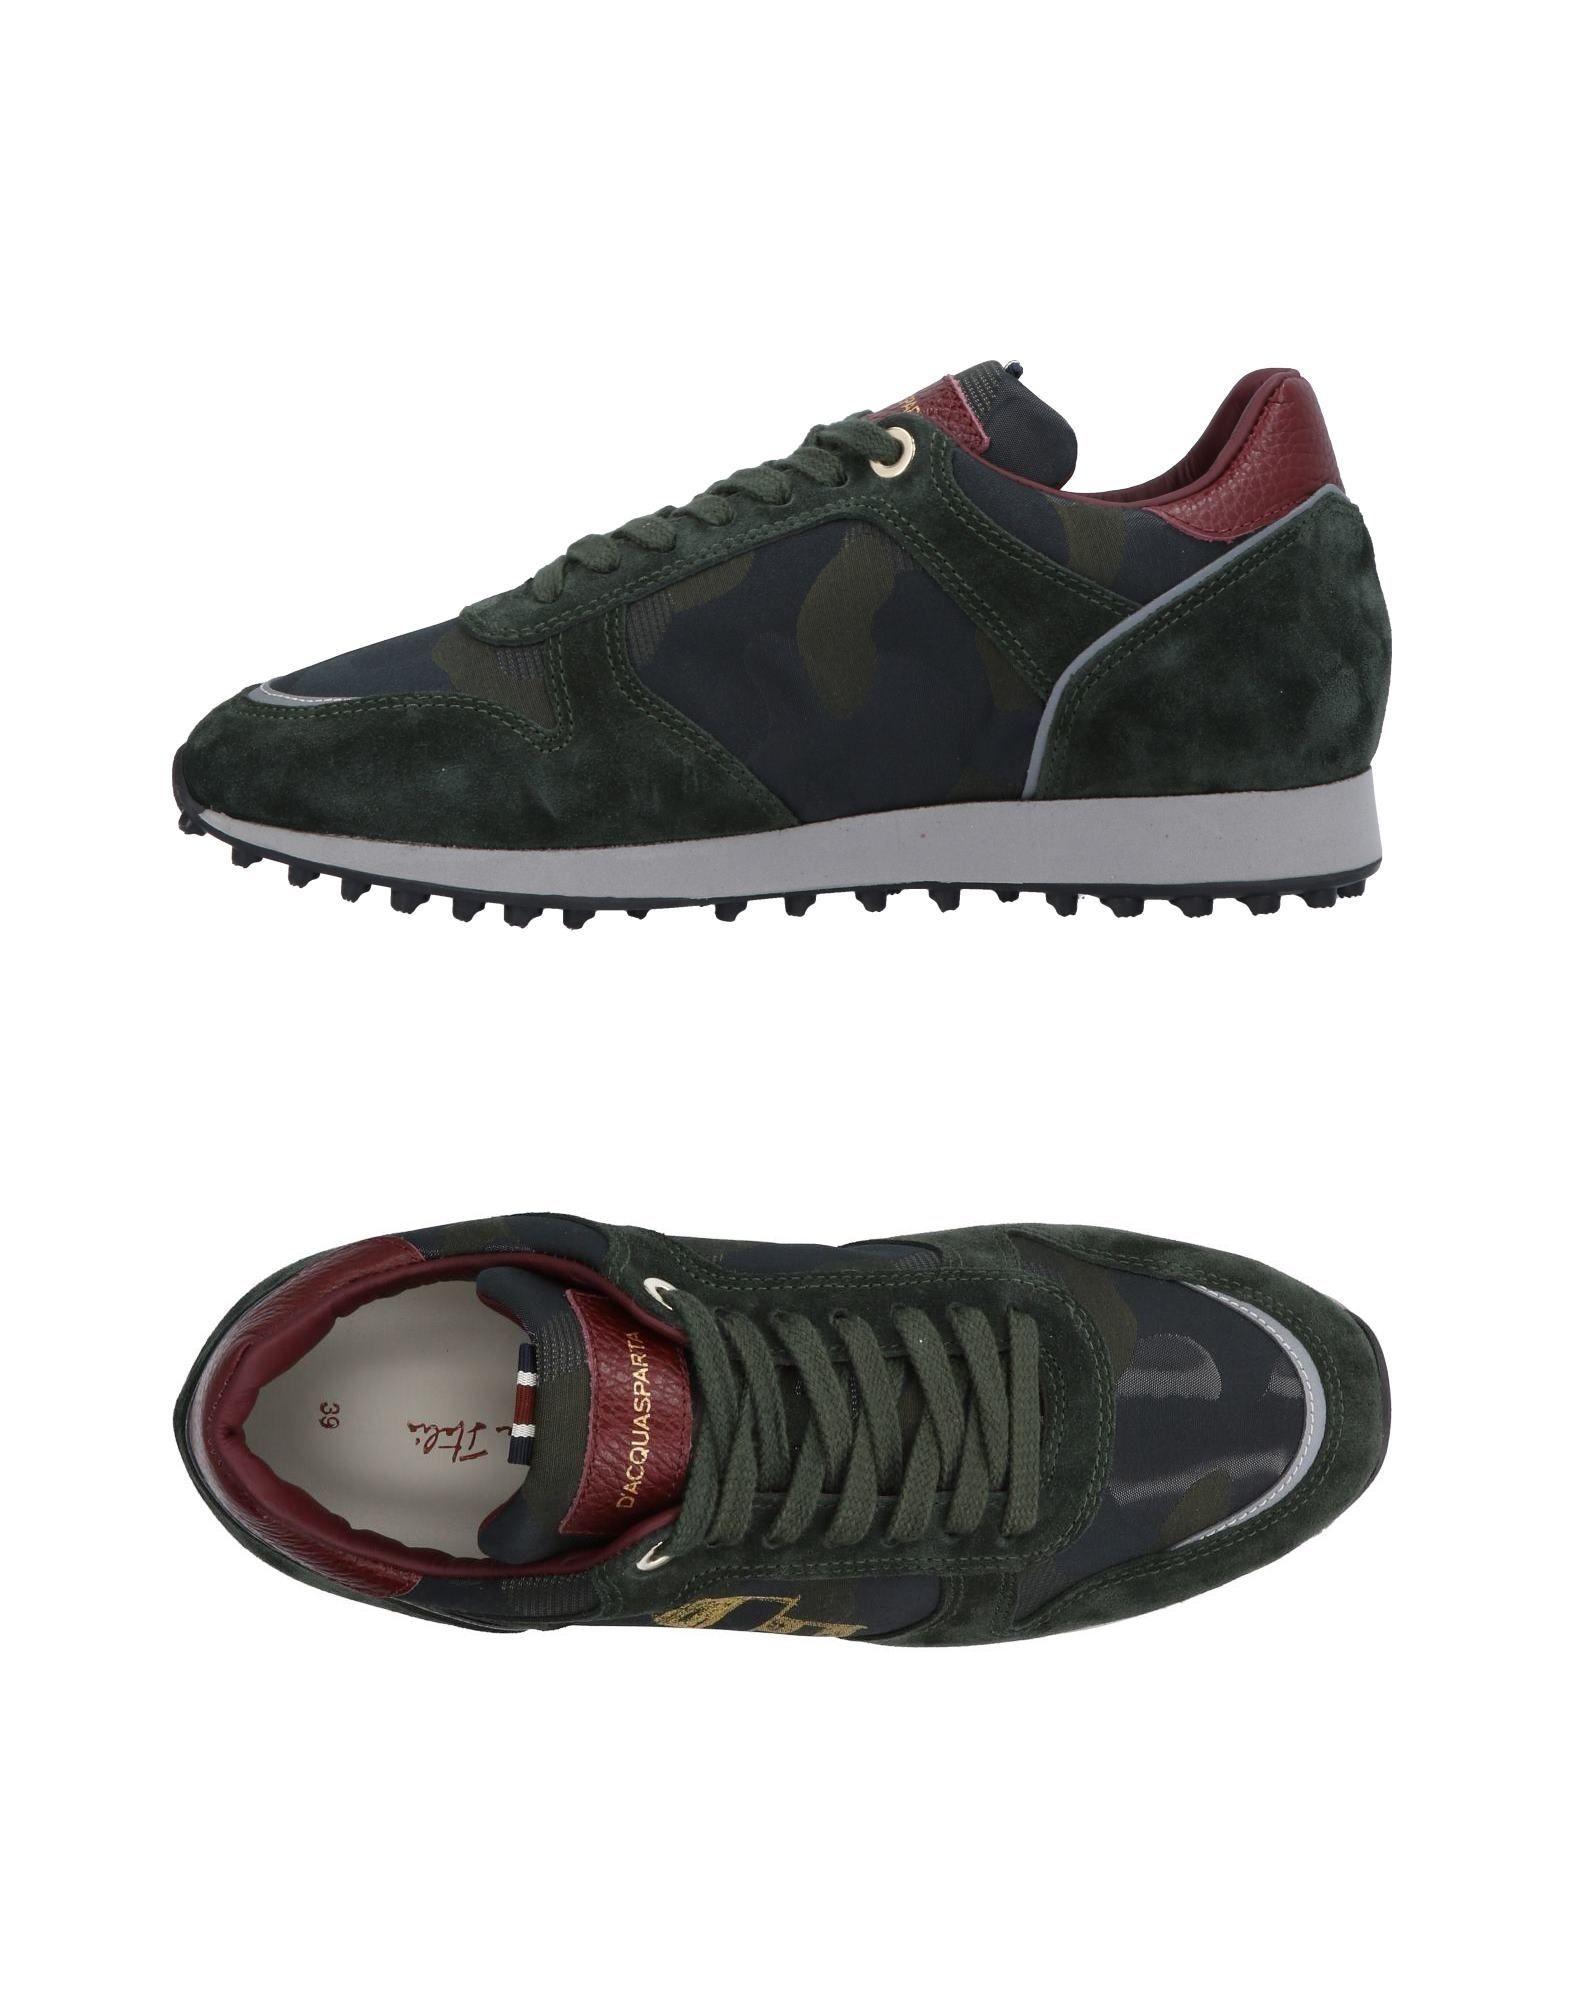 Sneakers D'Acquasparta Uomo - 11467542CJ Scarpe economiche e buone